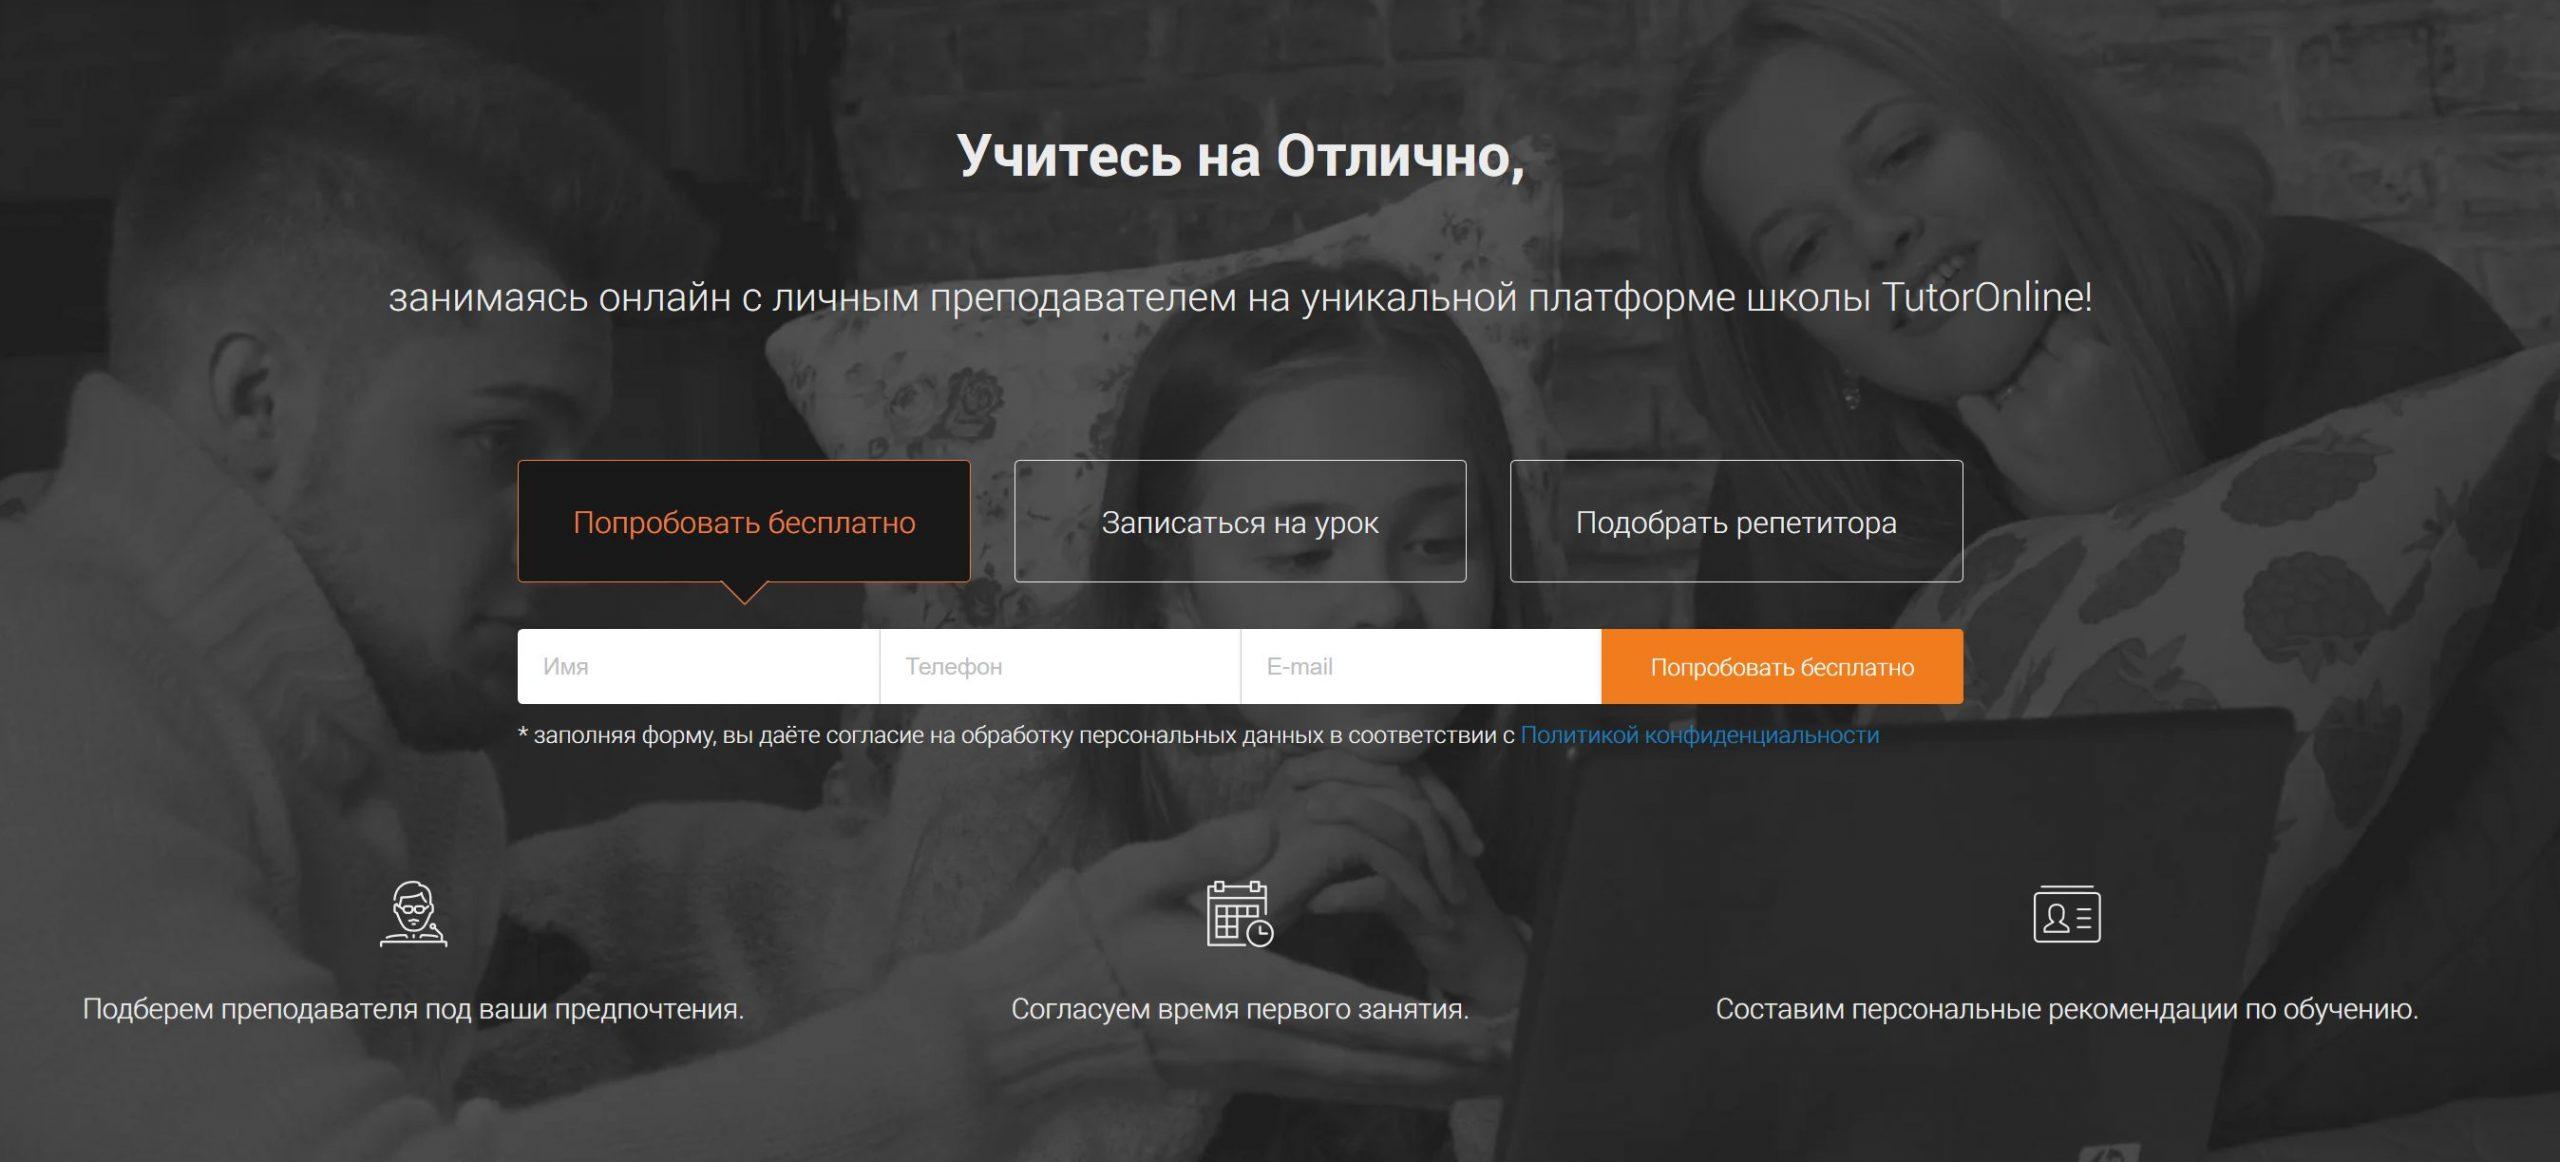 Репетитор онлайн уроки с дистанционным репетитором по Cкайпу (Skype)